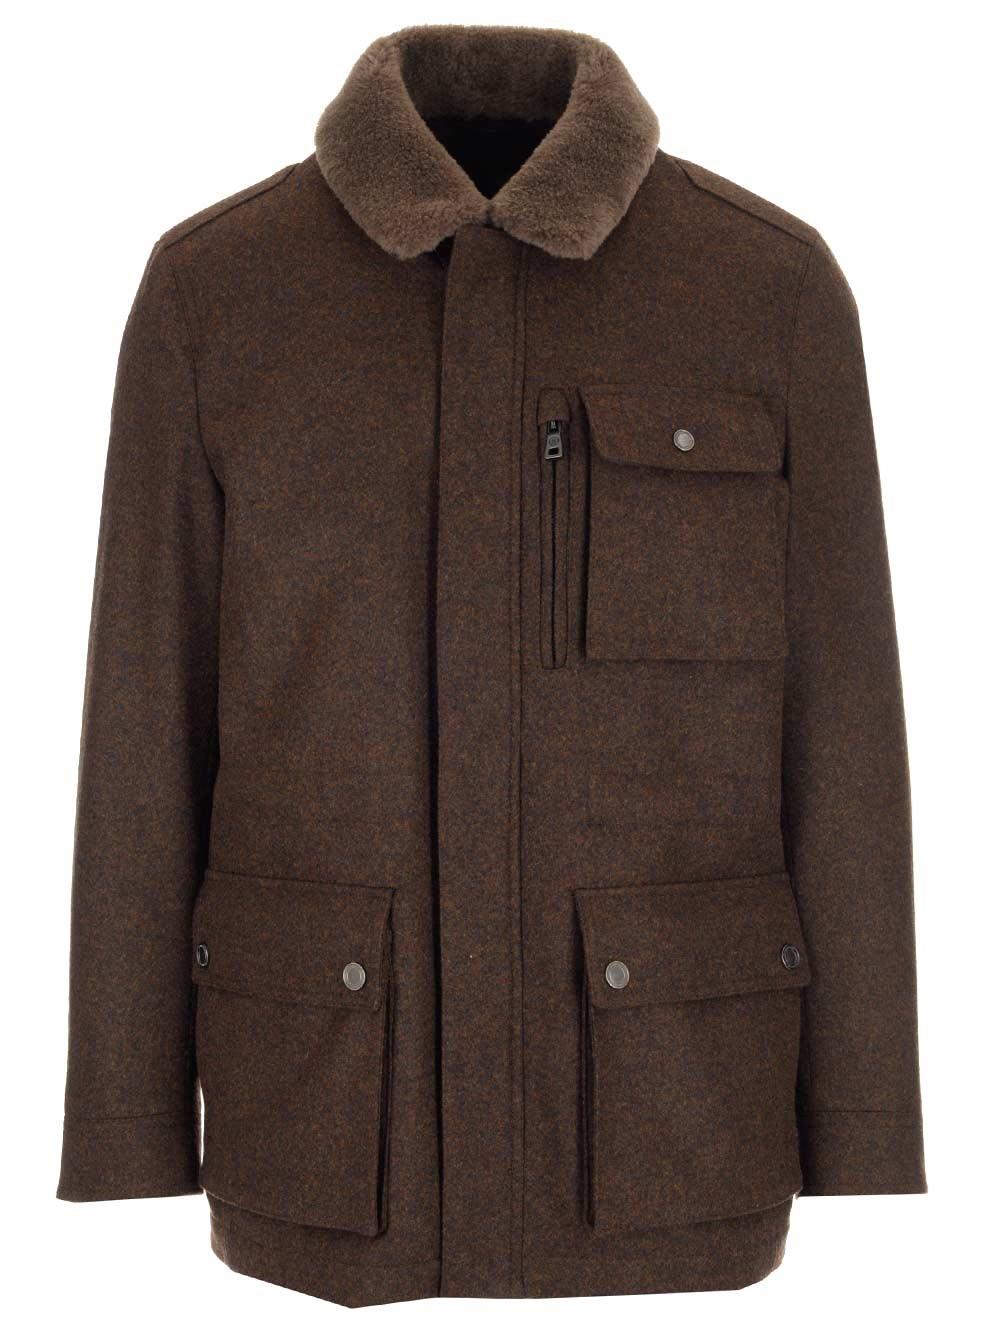 SCHNEIDERS Wool Coat With Rabbit Fur Collar